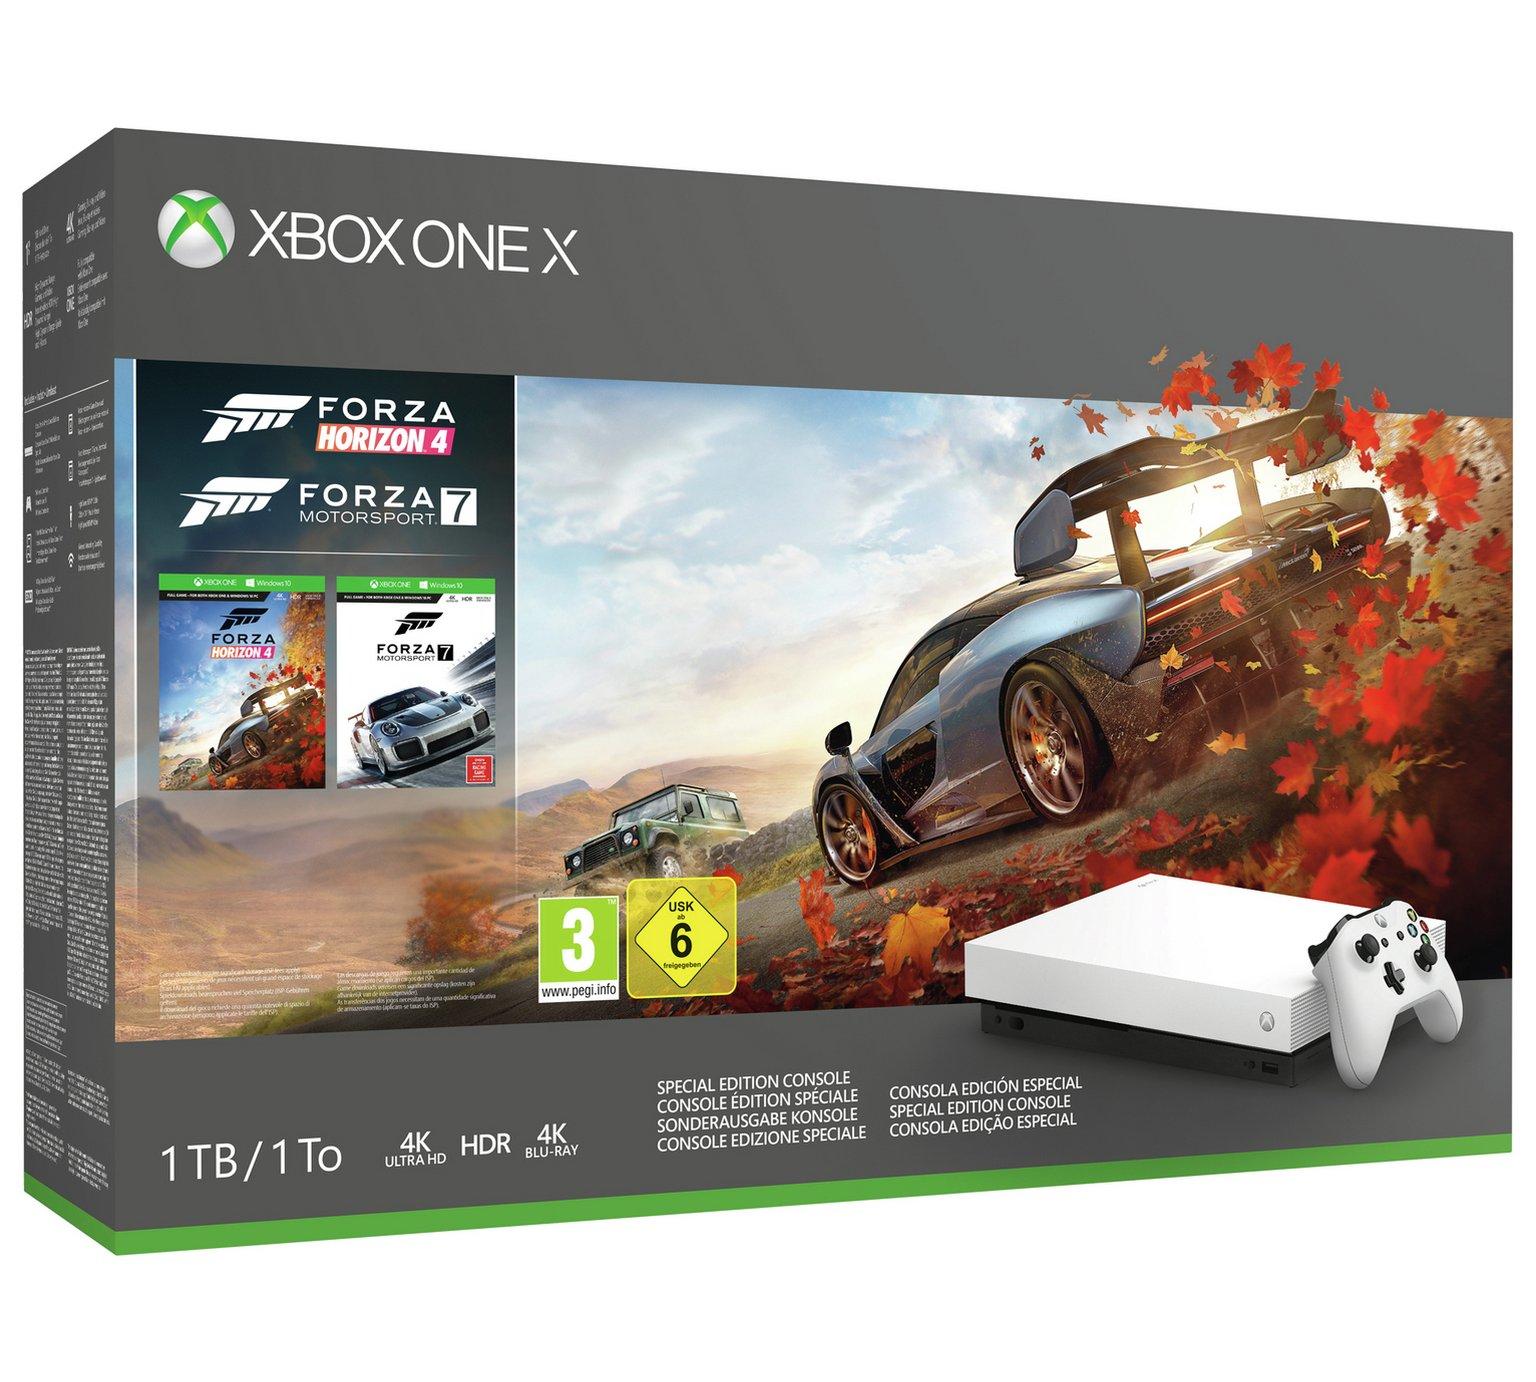 Xbox One Forza Bundle